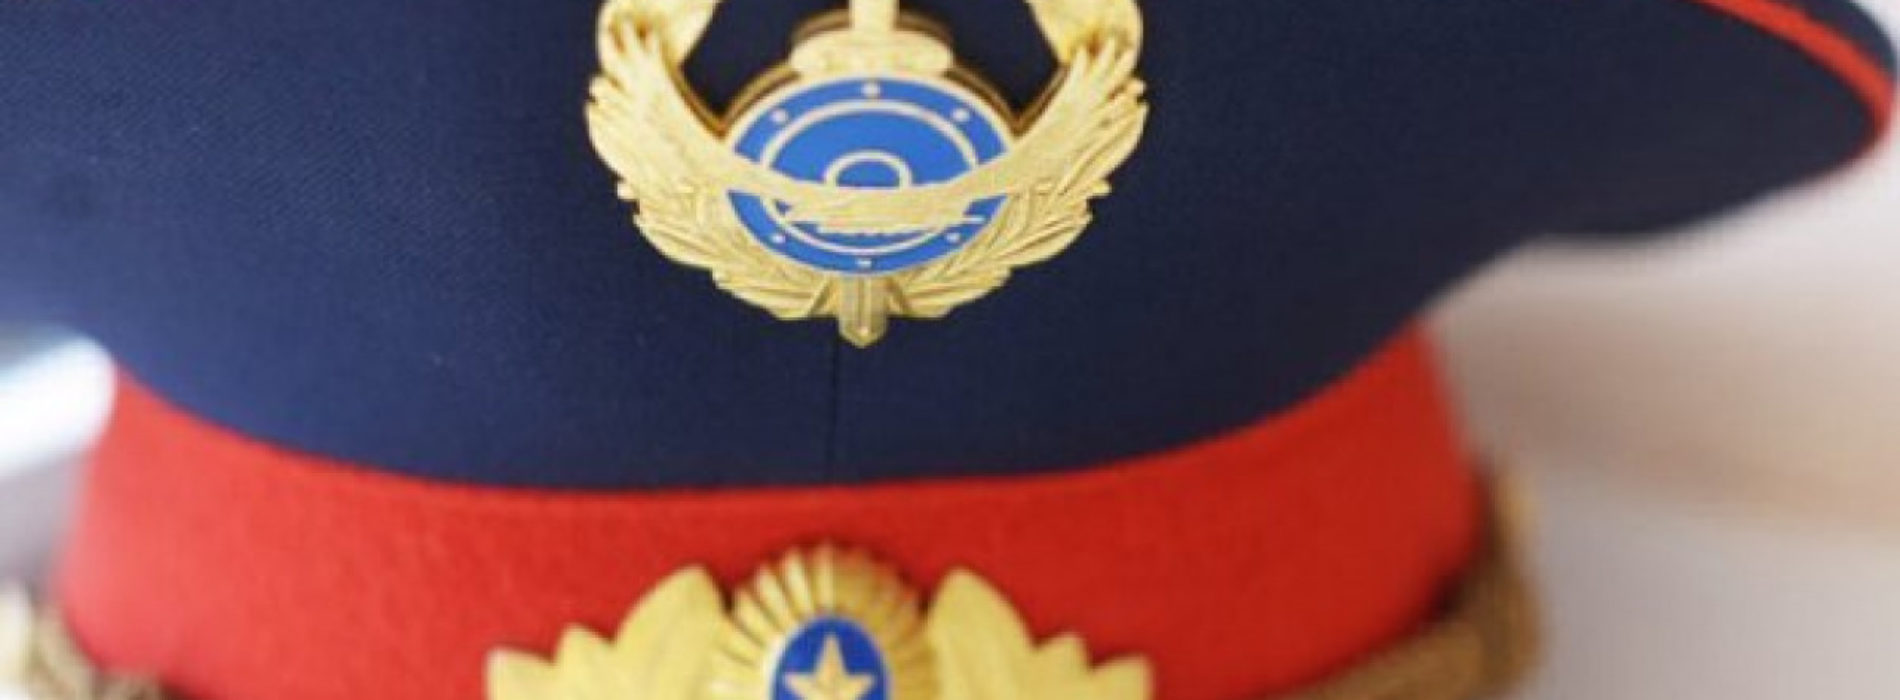 Казахстанский участковый инспектор полиции продавал наркотики